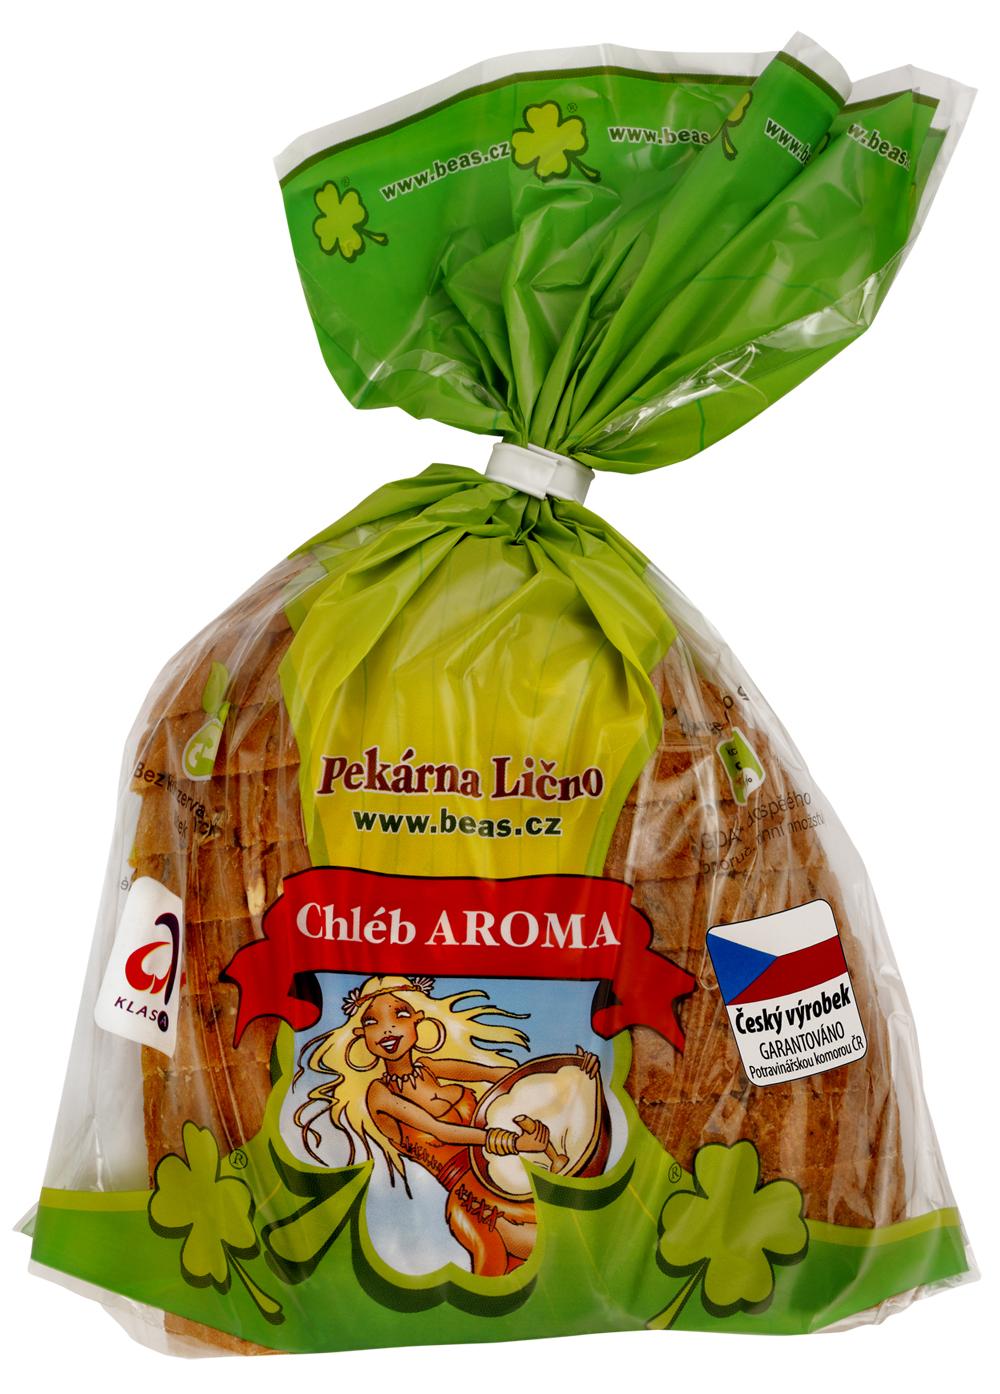 Značka Beas chléb Aroma krájený